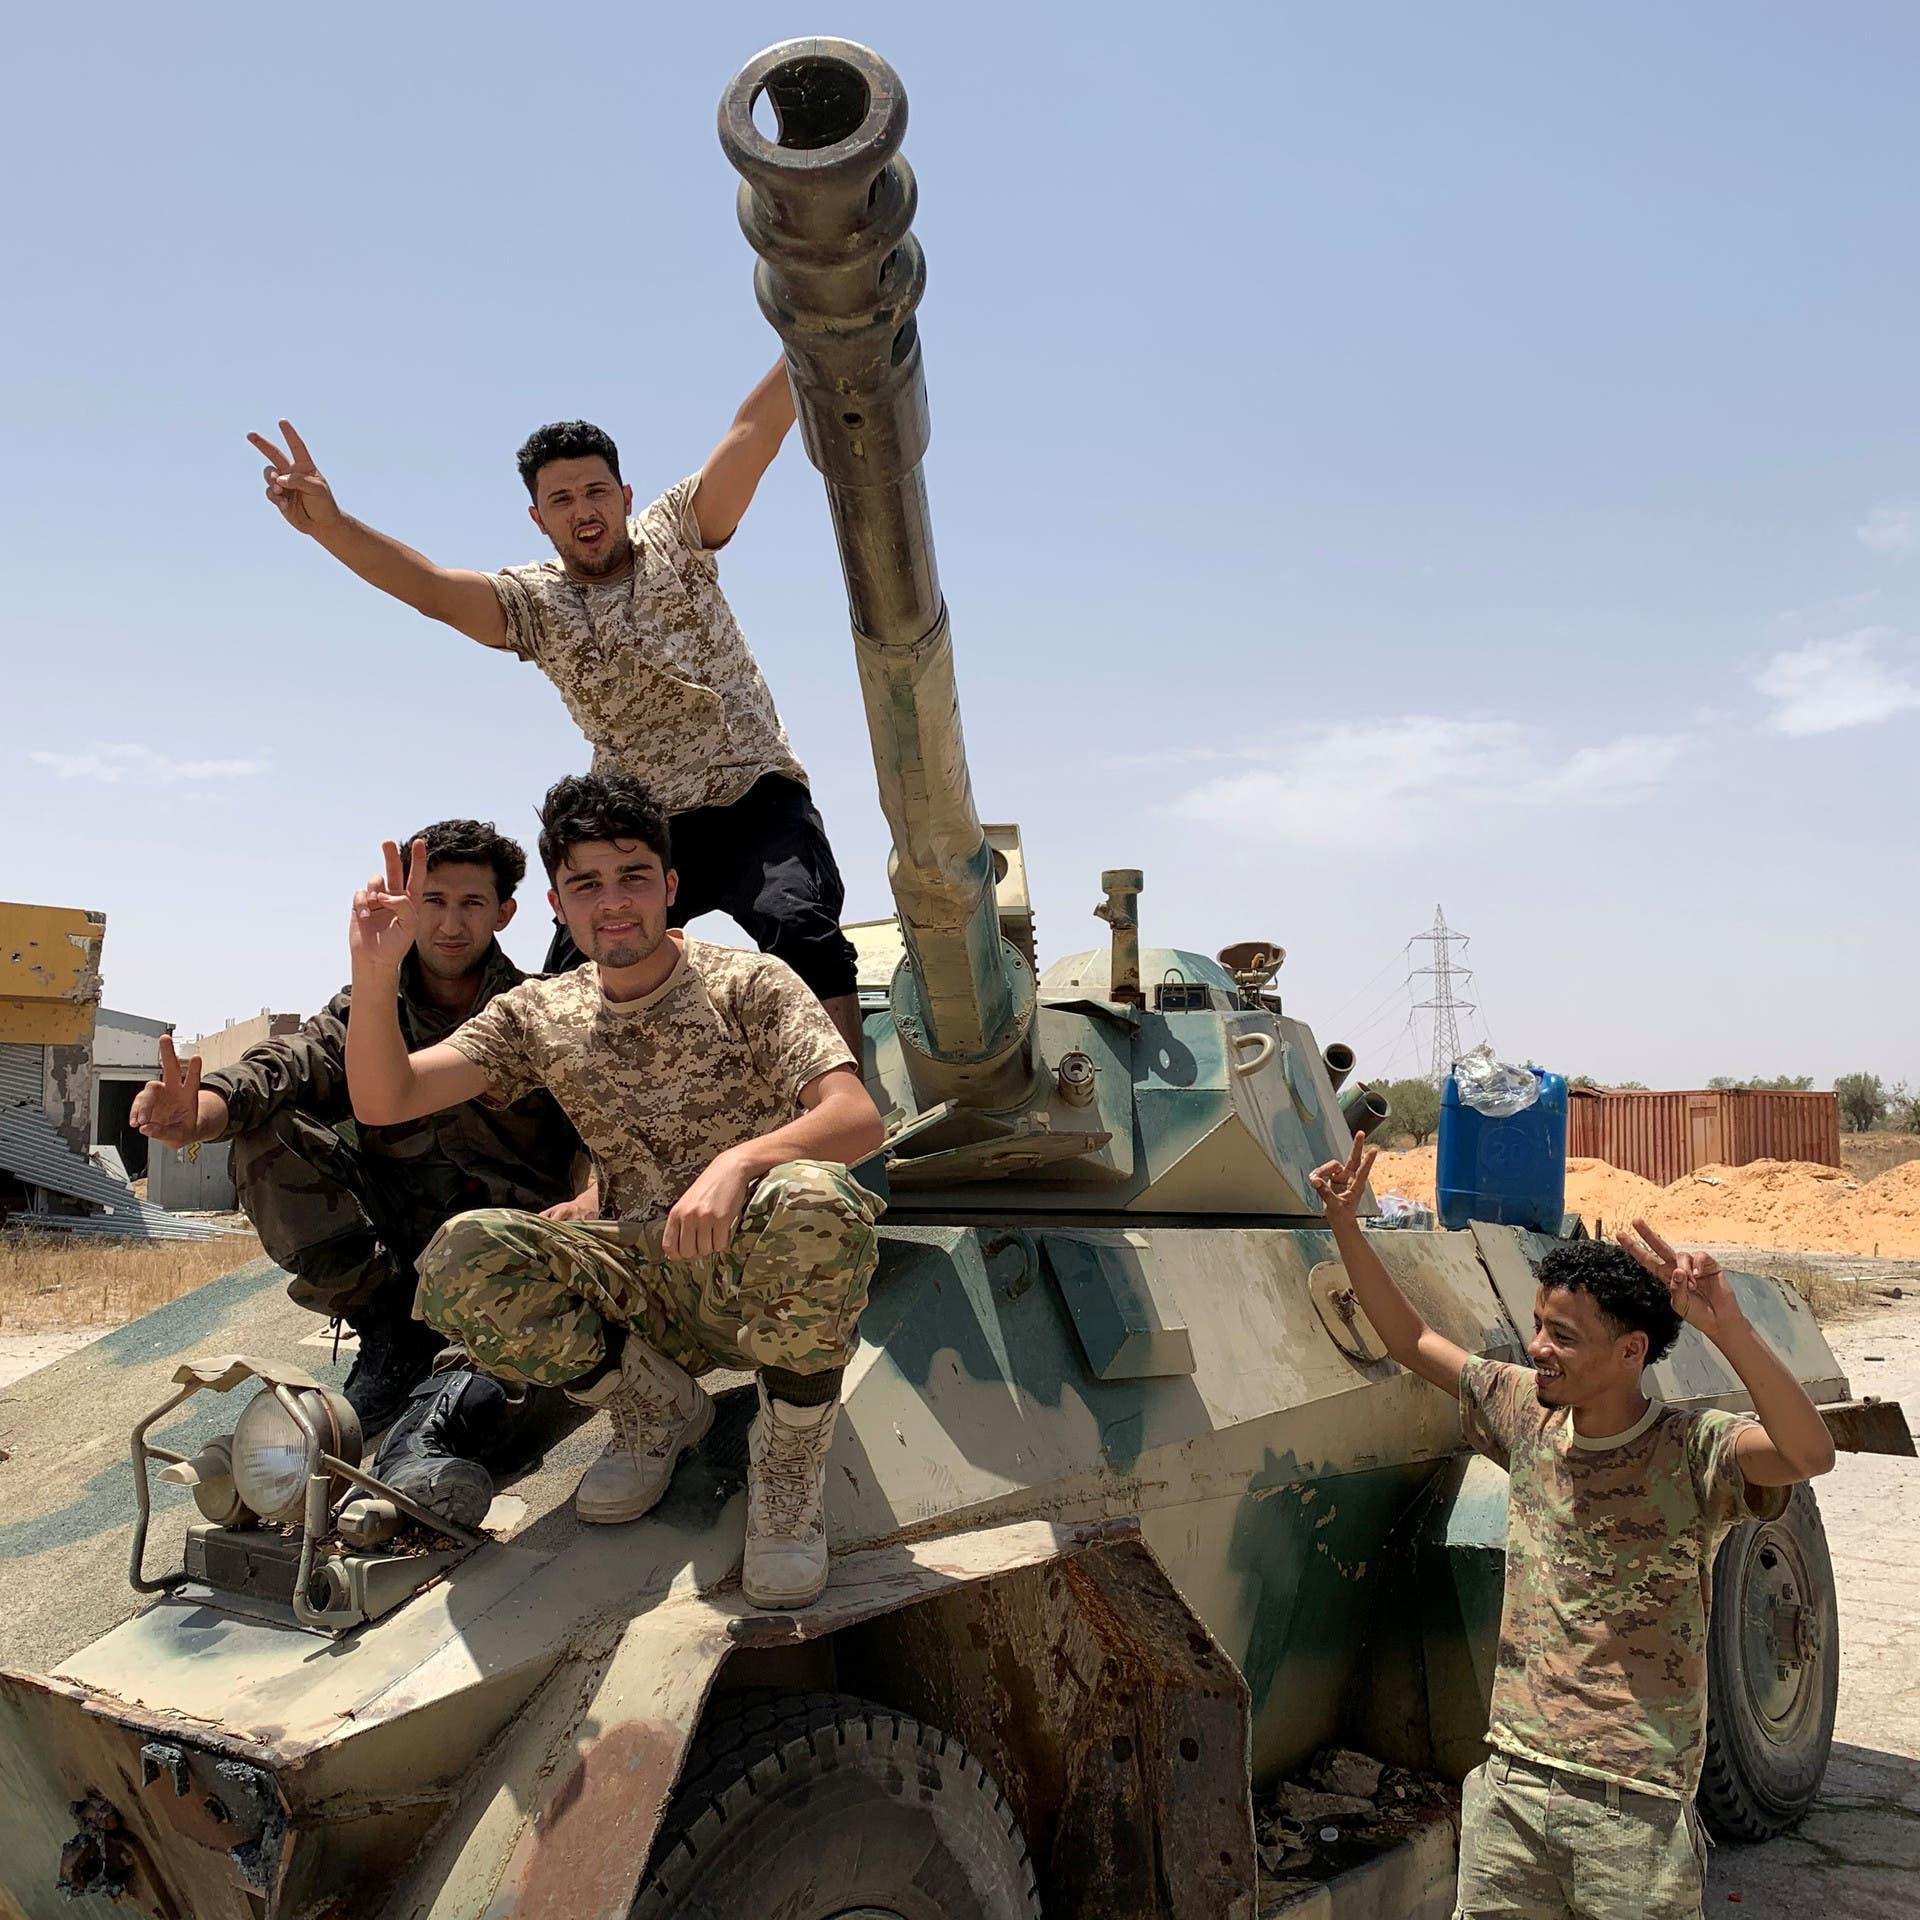 خبراء أمميون: تركيا منخرطة بتجنيد ونقل مرتزقة إلى ليبيا